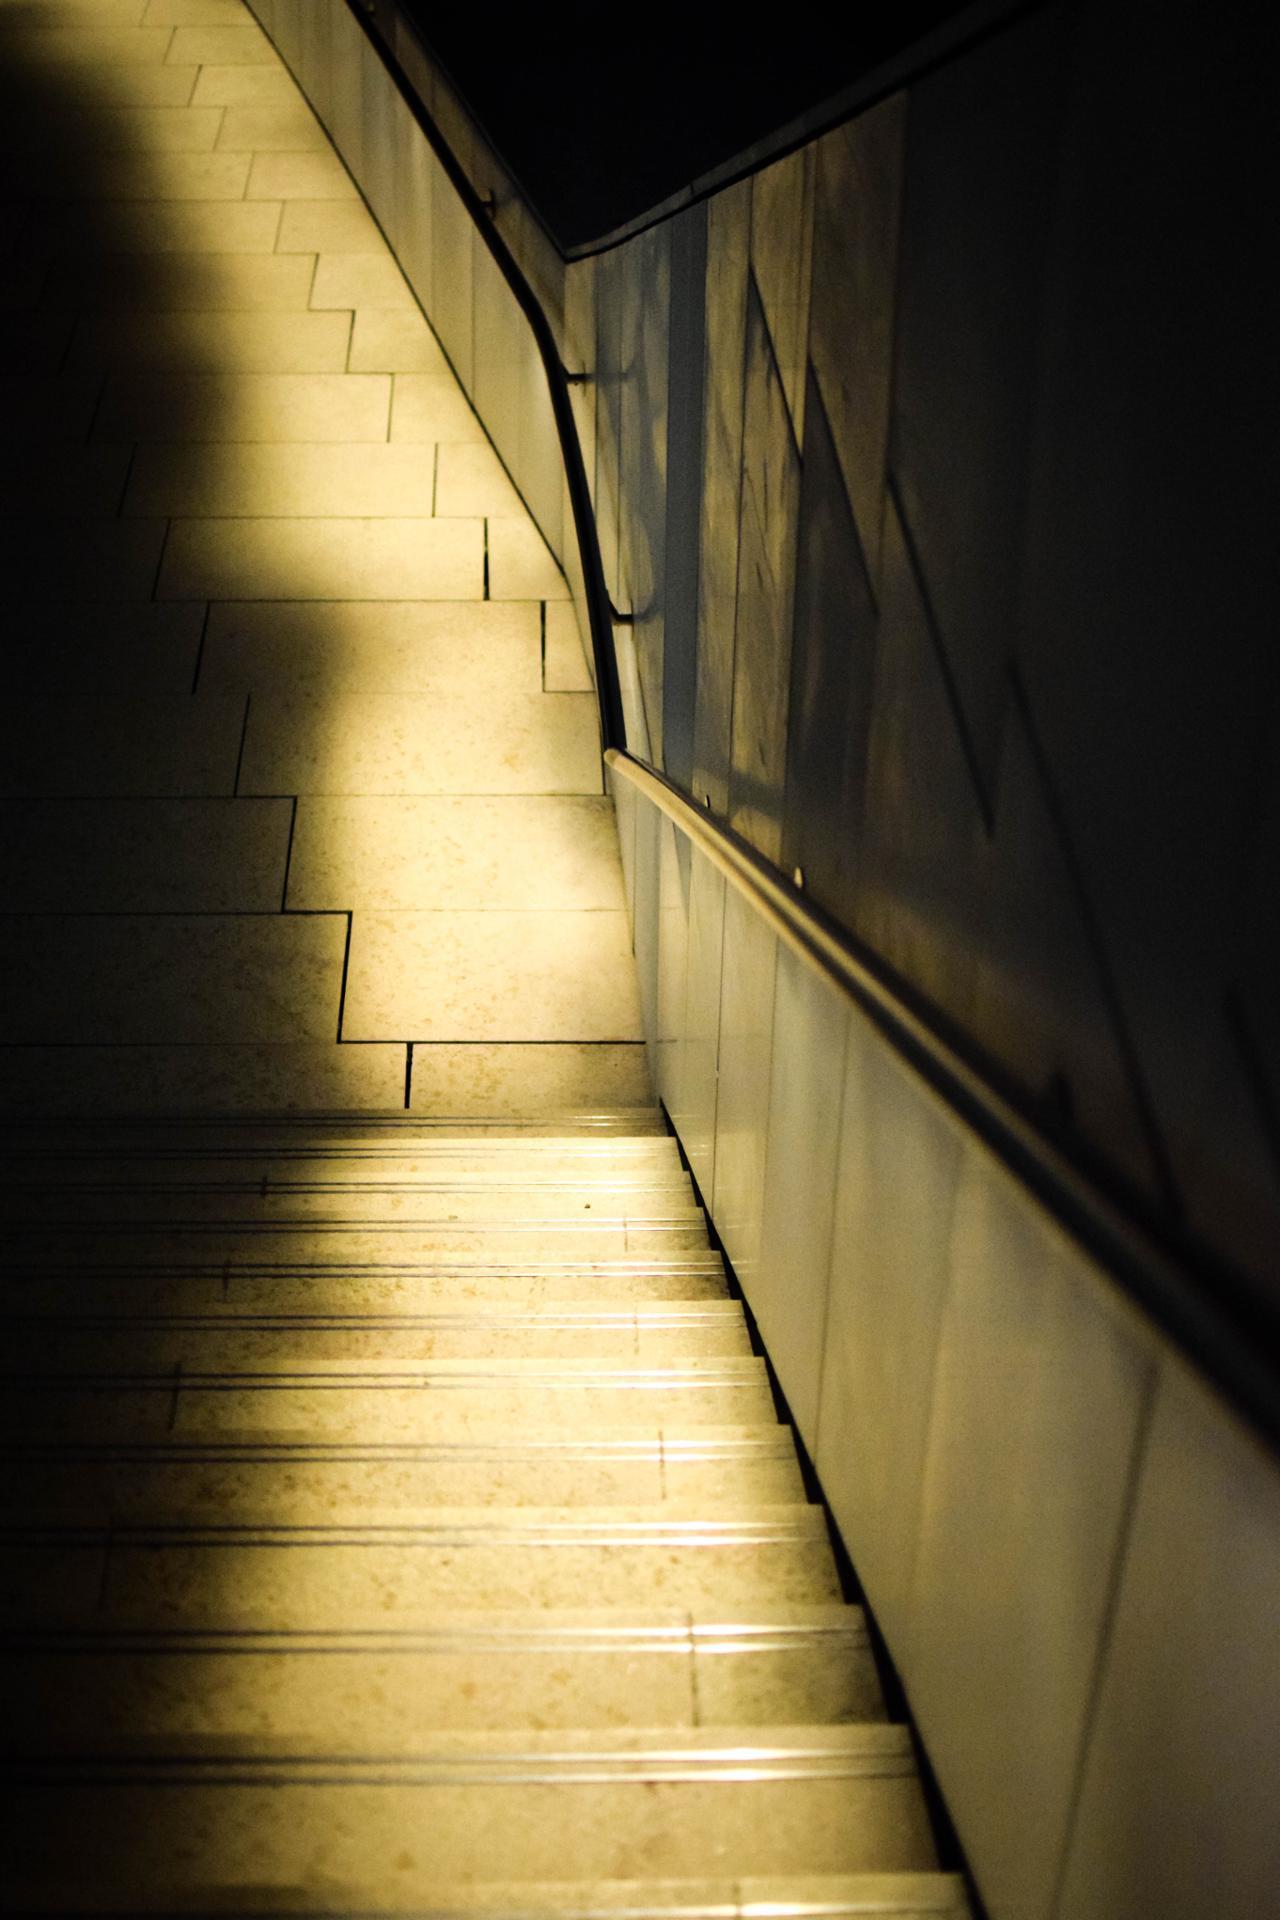 Way of light